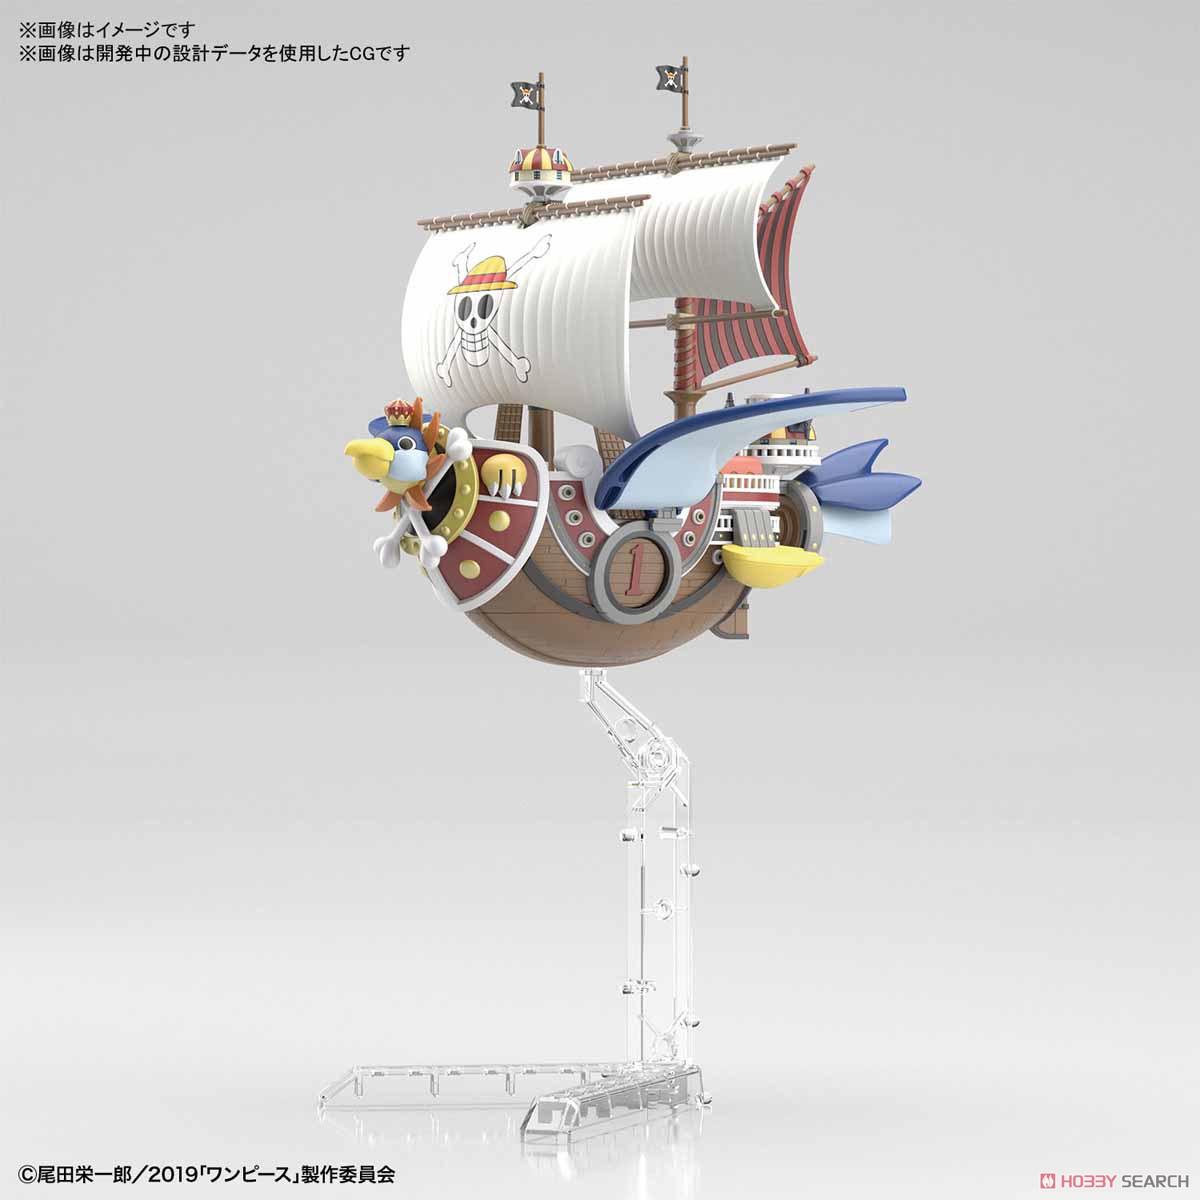 偉大なる船コレクション『サウザンド・サニー号 フライングモデル』ワンピース プラモデル-005